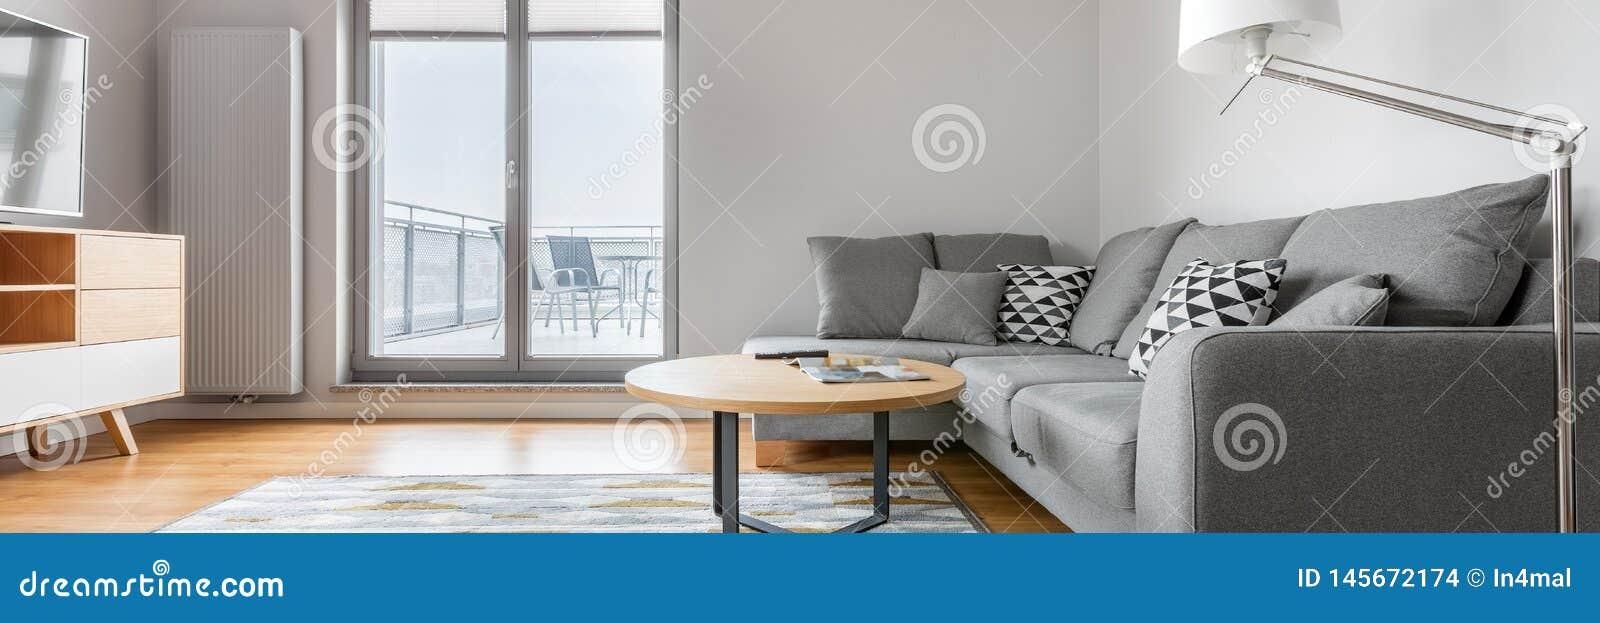 Panorama De Salon Gris Et Blanc Photo stock - Image du ...